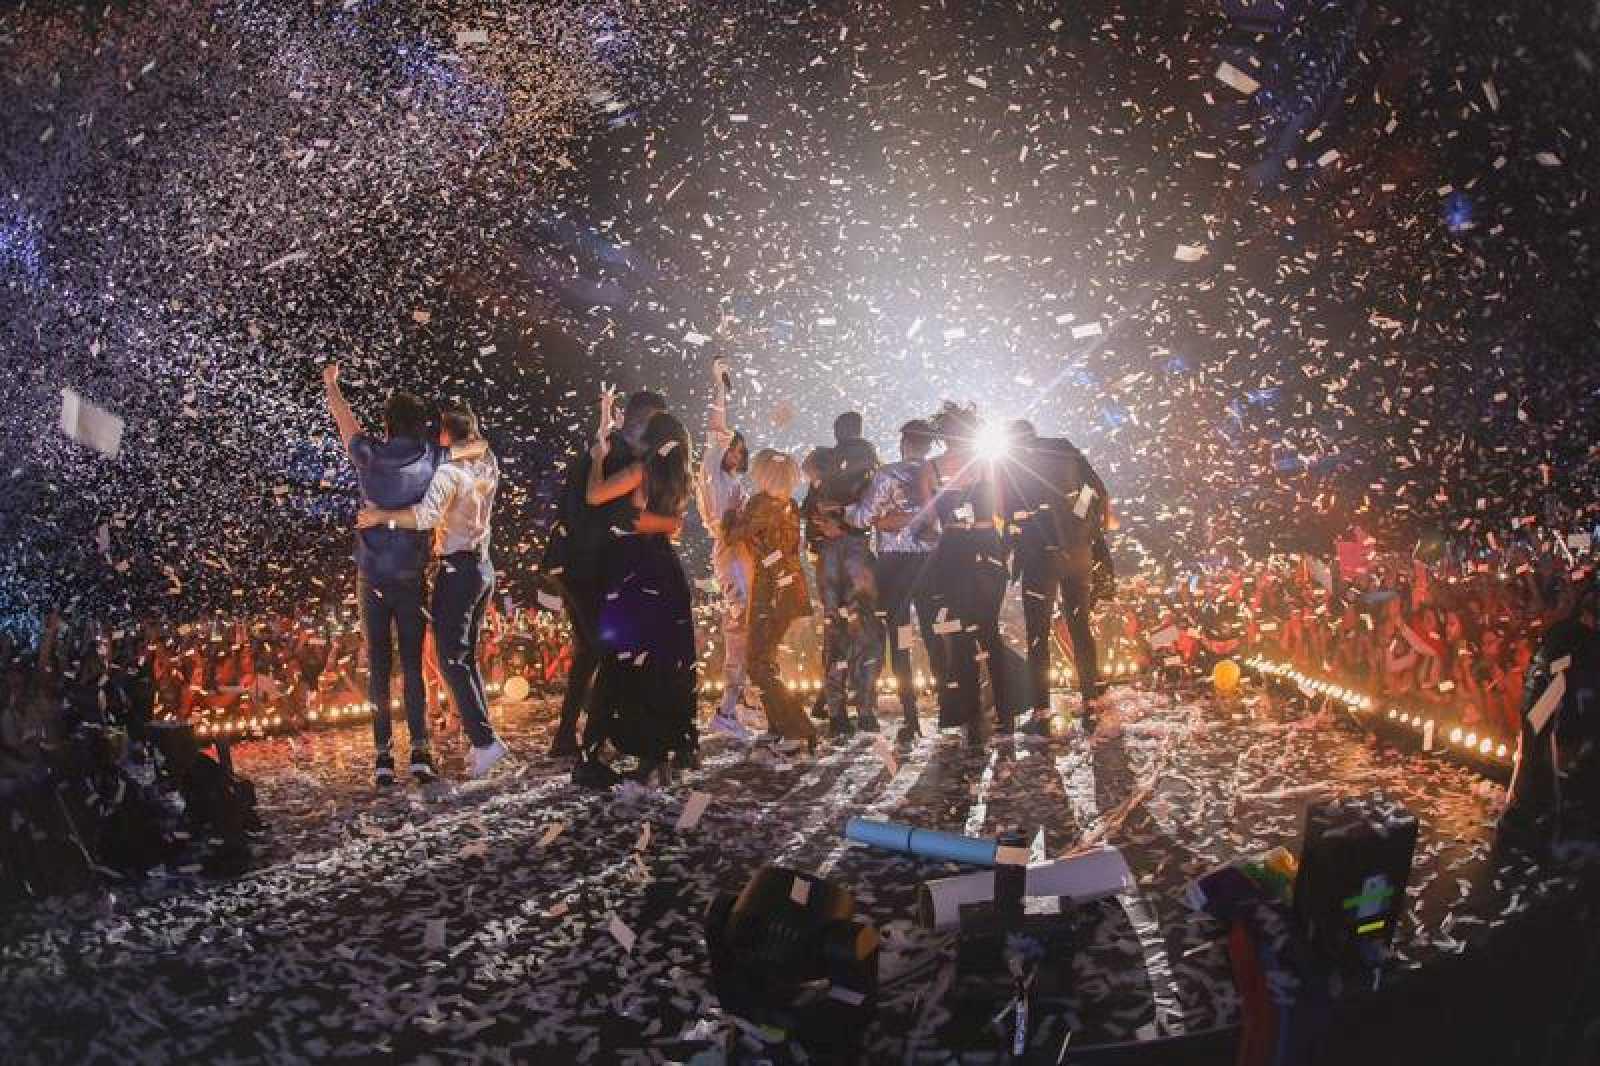 Ot 2018 Sigue En Streaming Desde Las 21 00 Horas El Concierto En Barcelona